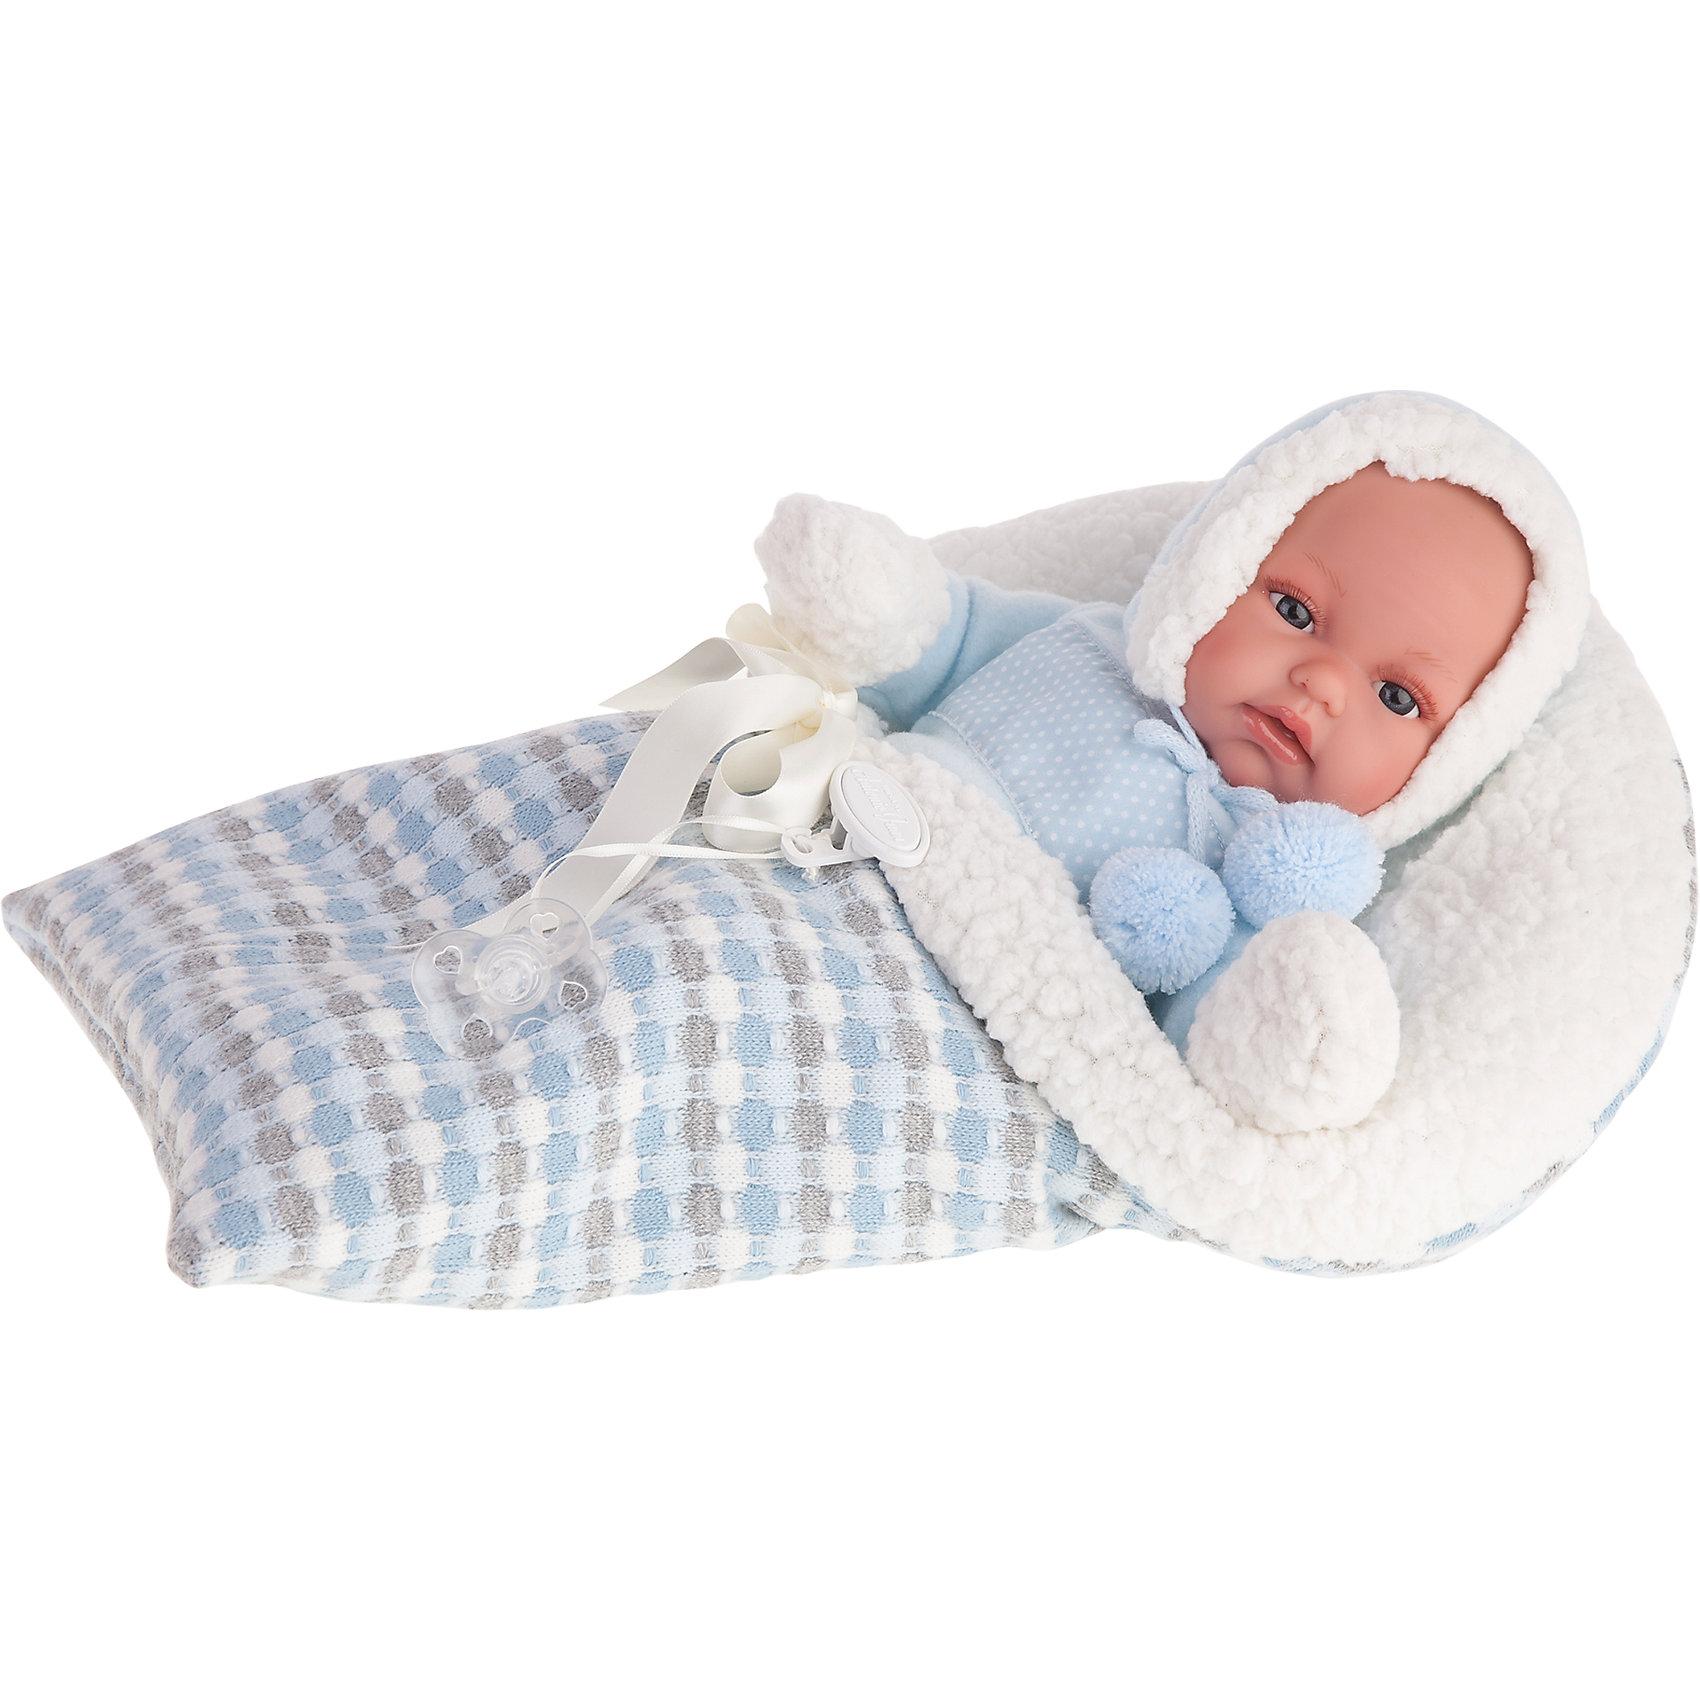 Кукла-младенец Луиc, озвученная, 34 см, Munecas Antonio Juan<br><br>Ширина мм: 440<br>Глубина мм: 245<br>Высота мм: 120<br>Вес г: 7302<br>Возраст от месяцев: 36<br>Возраст до месяцев: 2147483647<br>Пол: Женский<br>Возраст: Детский<br>SKU: 5367052